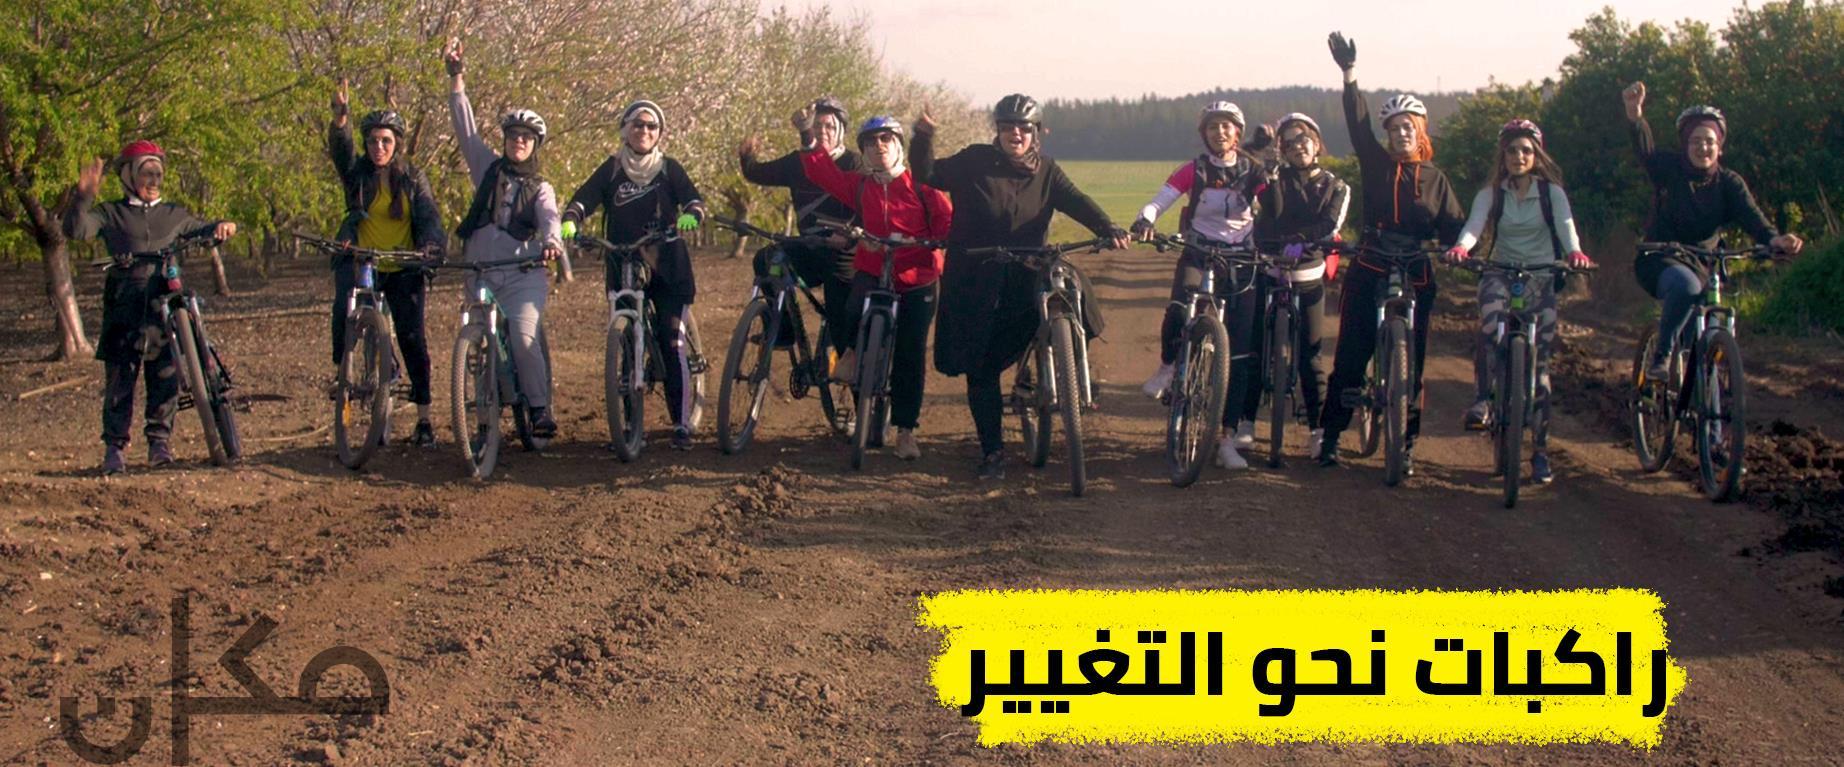 نساء محجبات يركبن الدراجات الهوائية | شهر المرأة